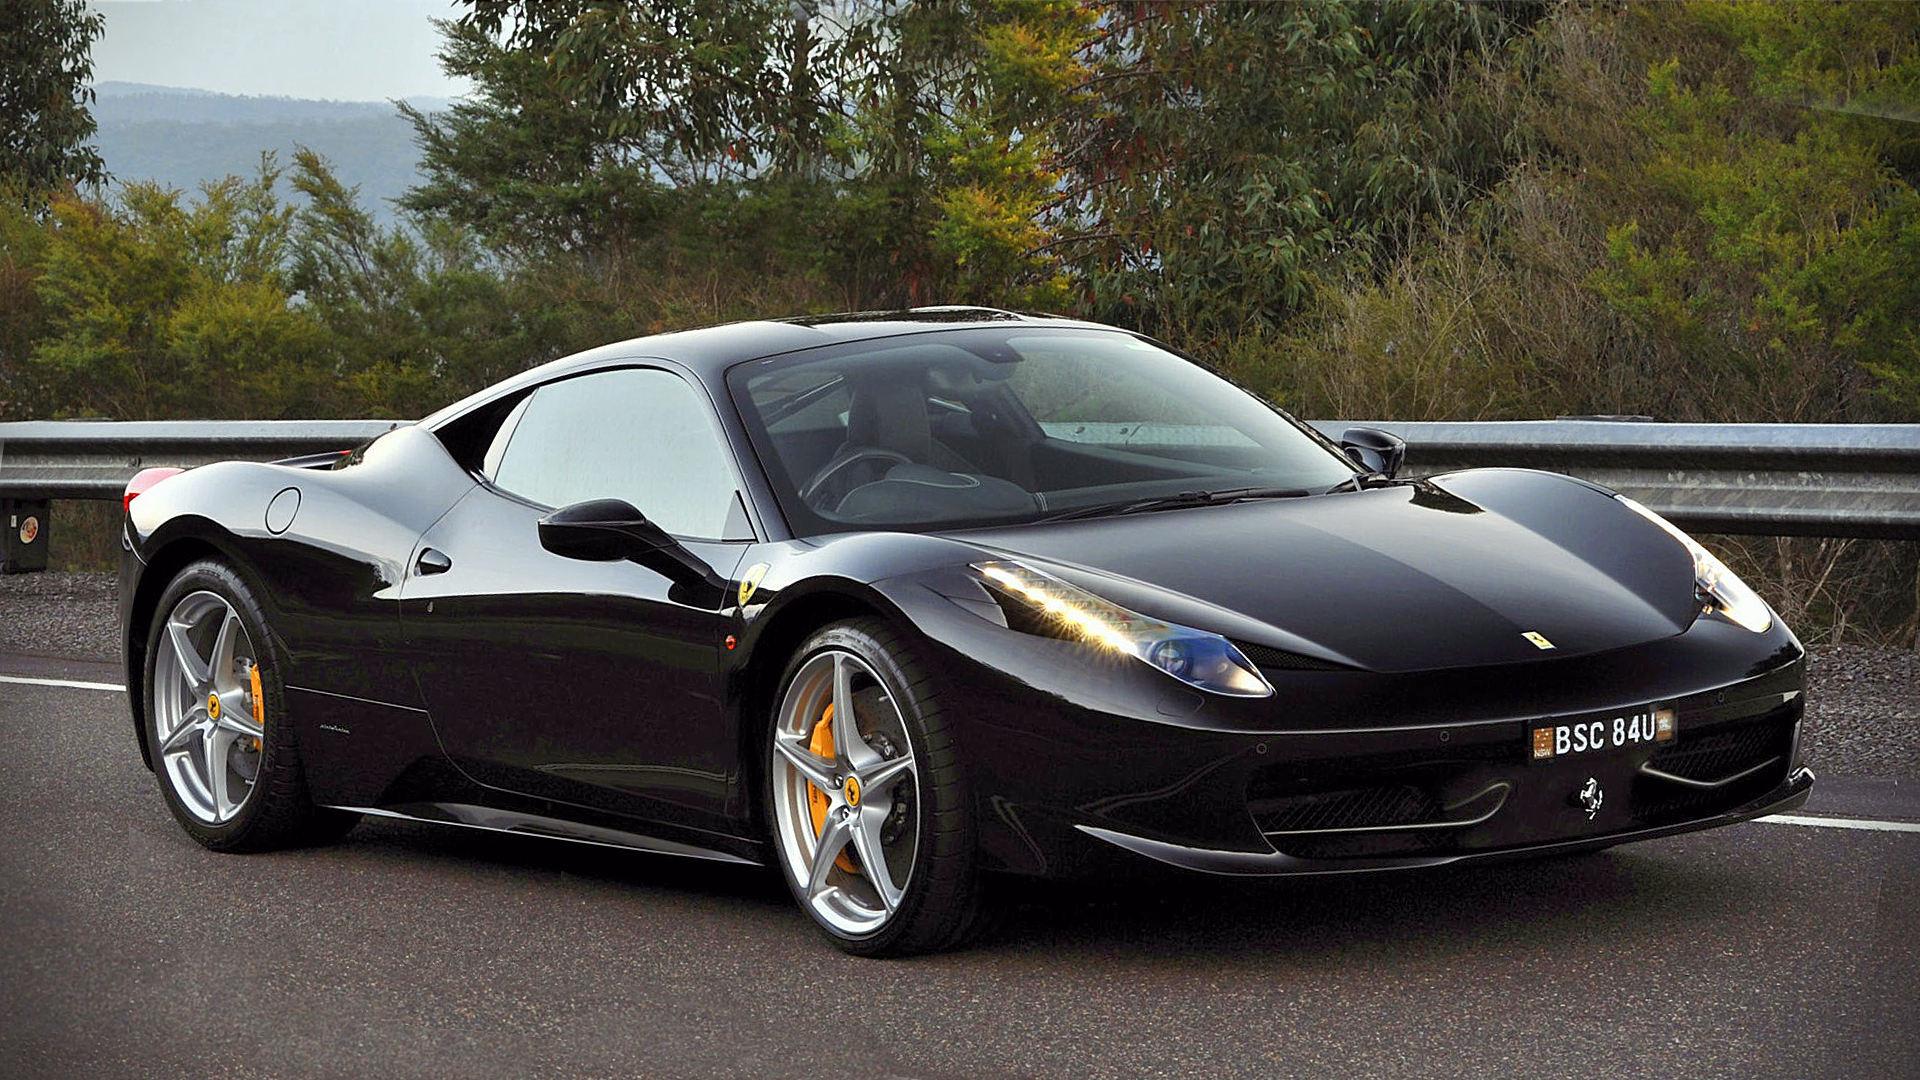 2015 Ferrari 458 Italia Black